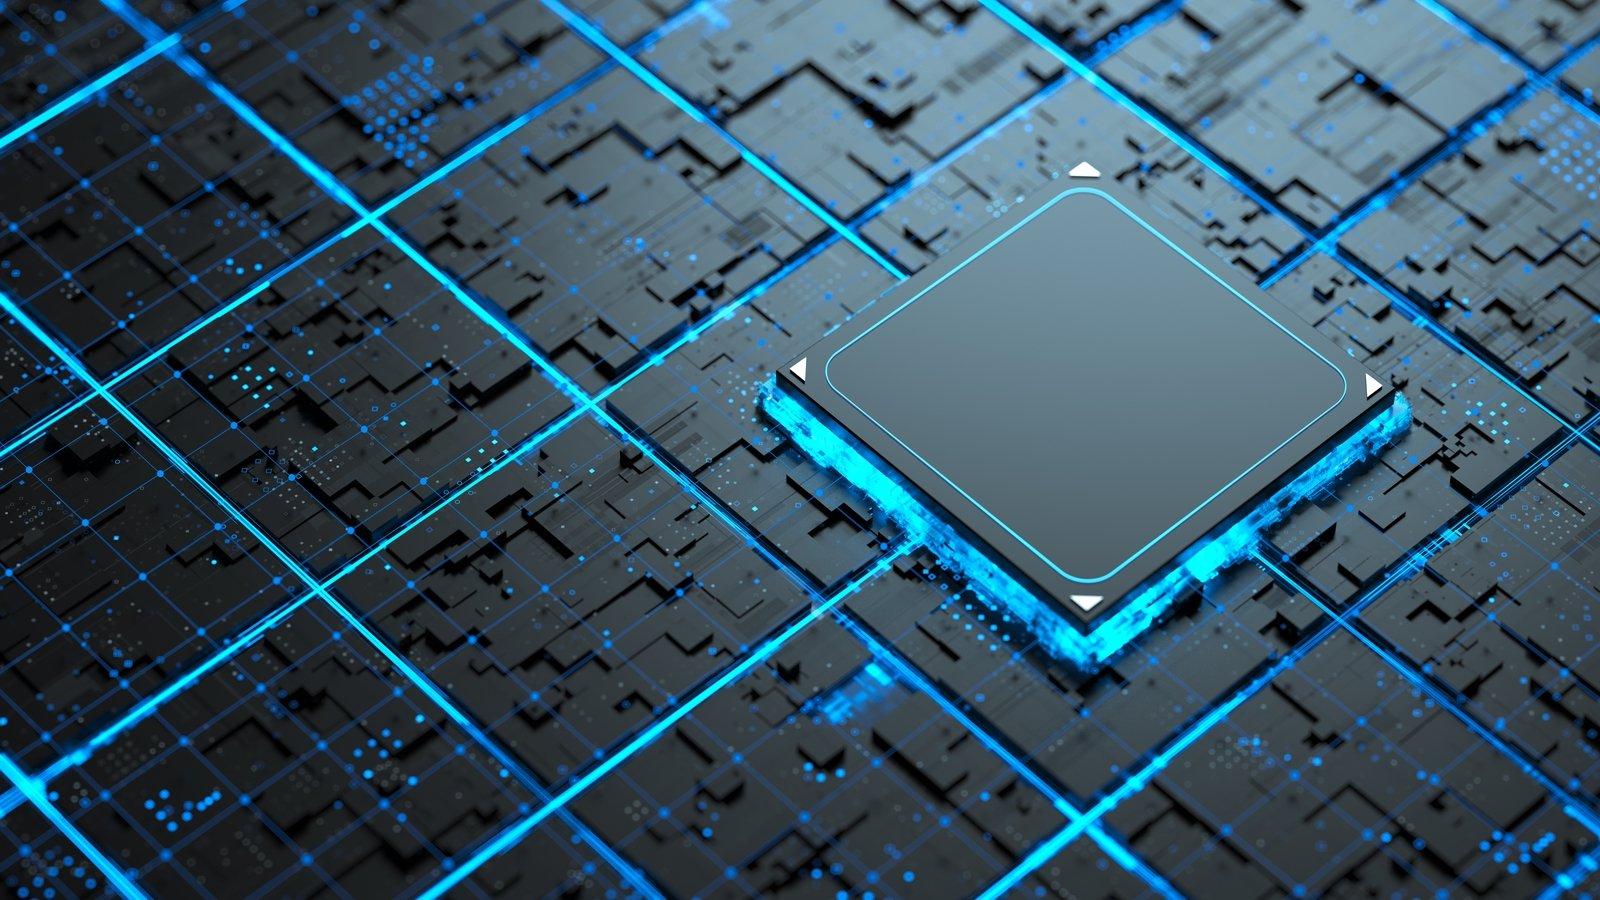 European Chips Act: Η Ευρώπη ζητά αυτονομία στους επεξεργαστές